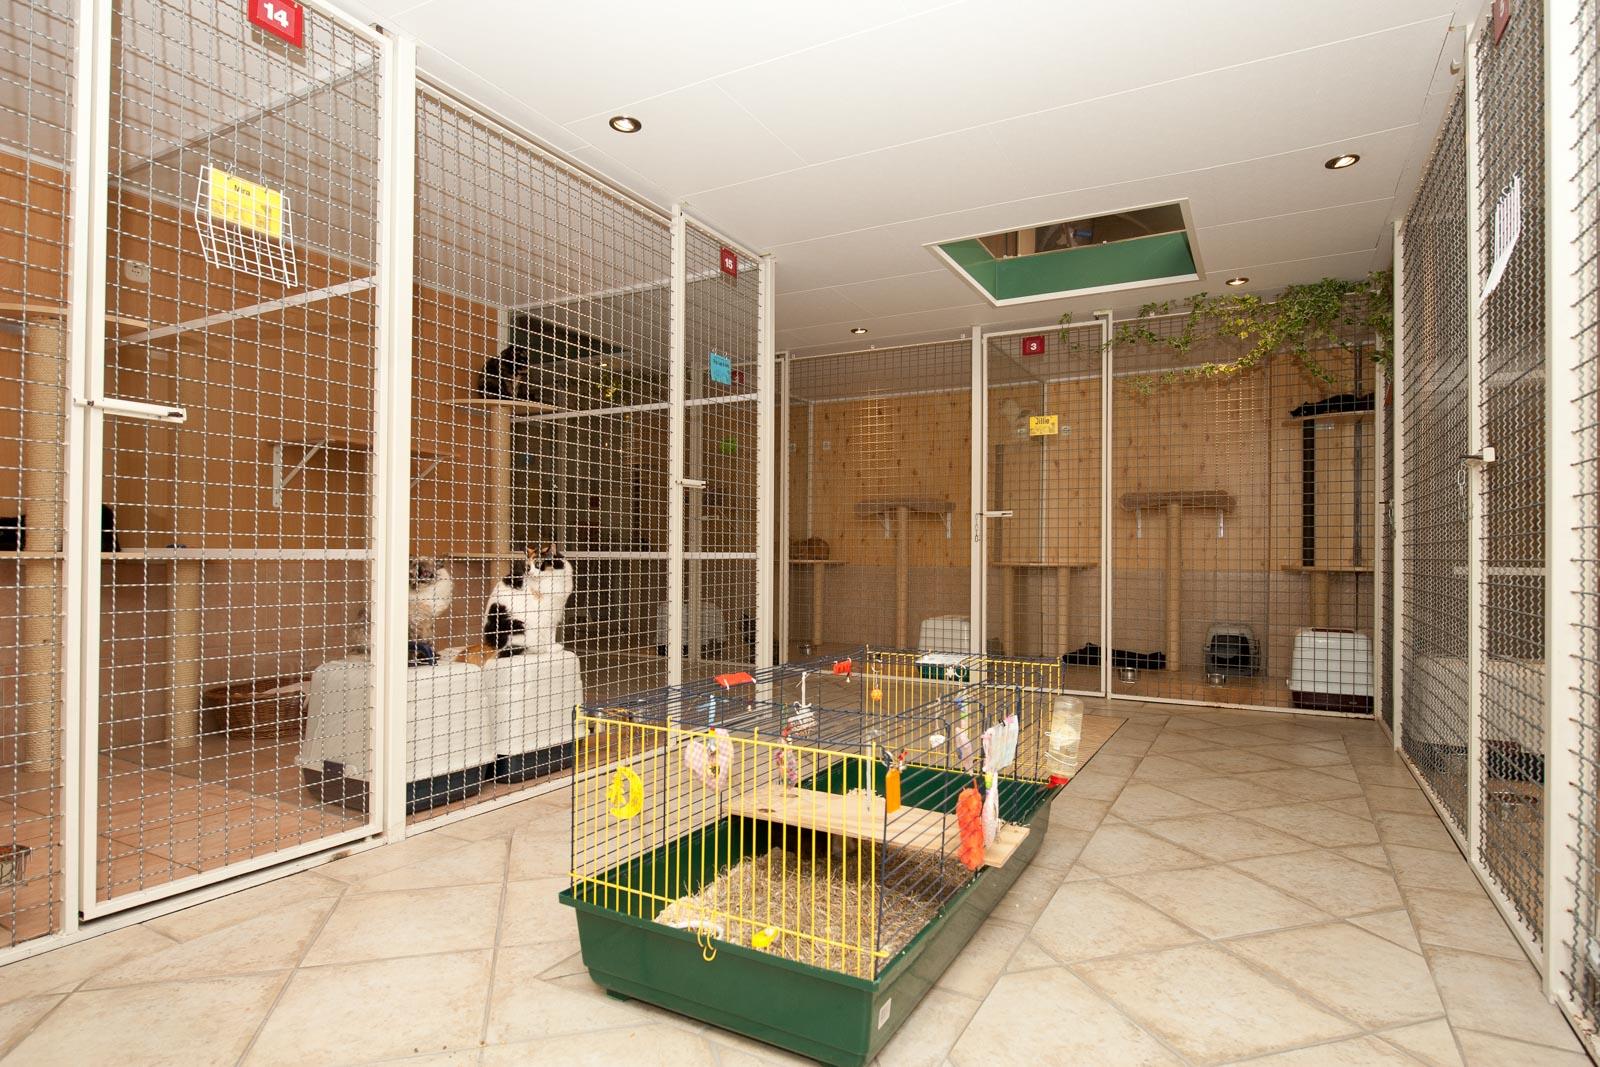 Een kooi met knaagdier in Dierenhotel Disorojo